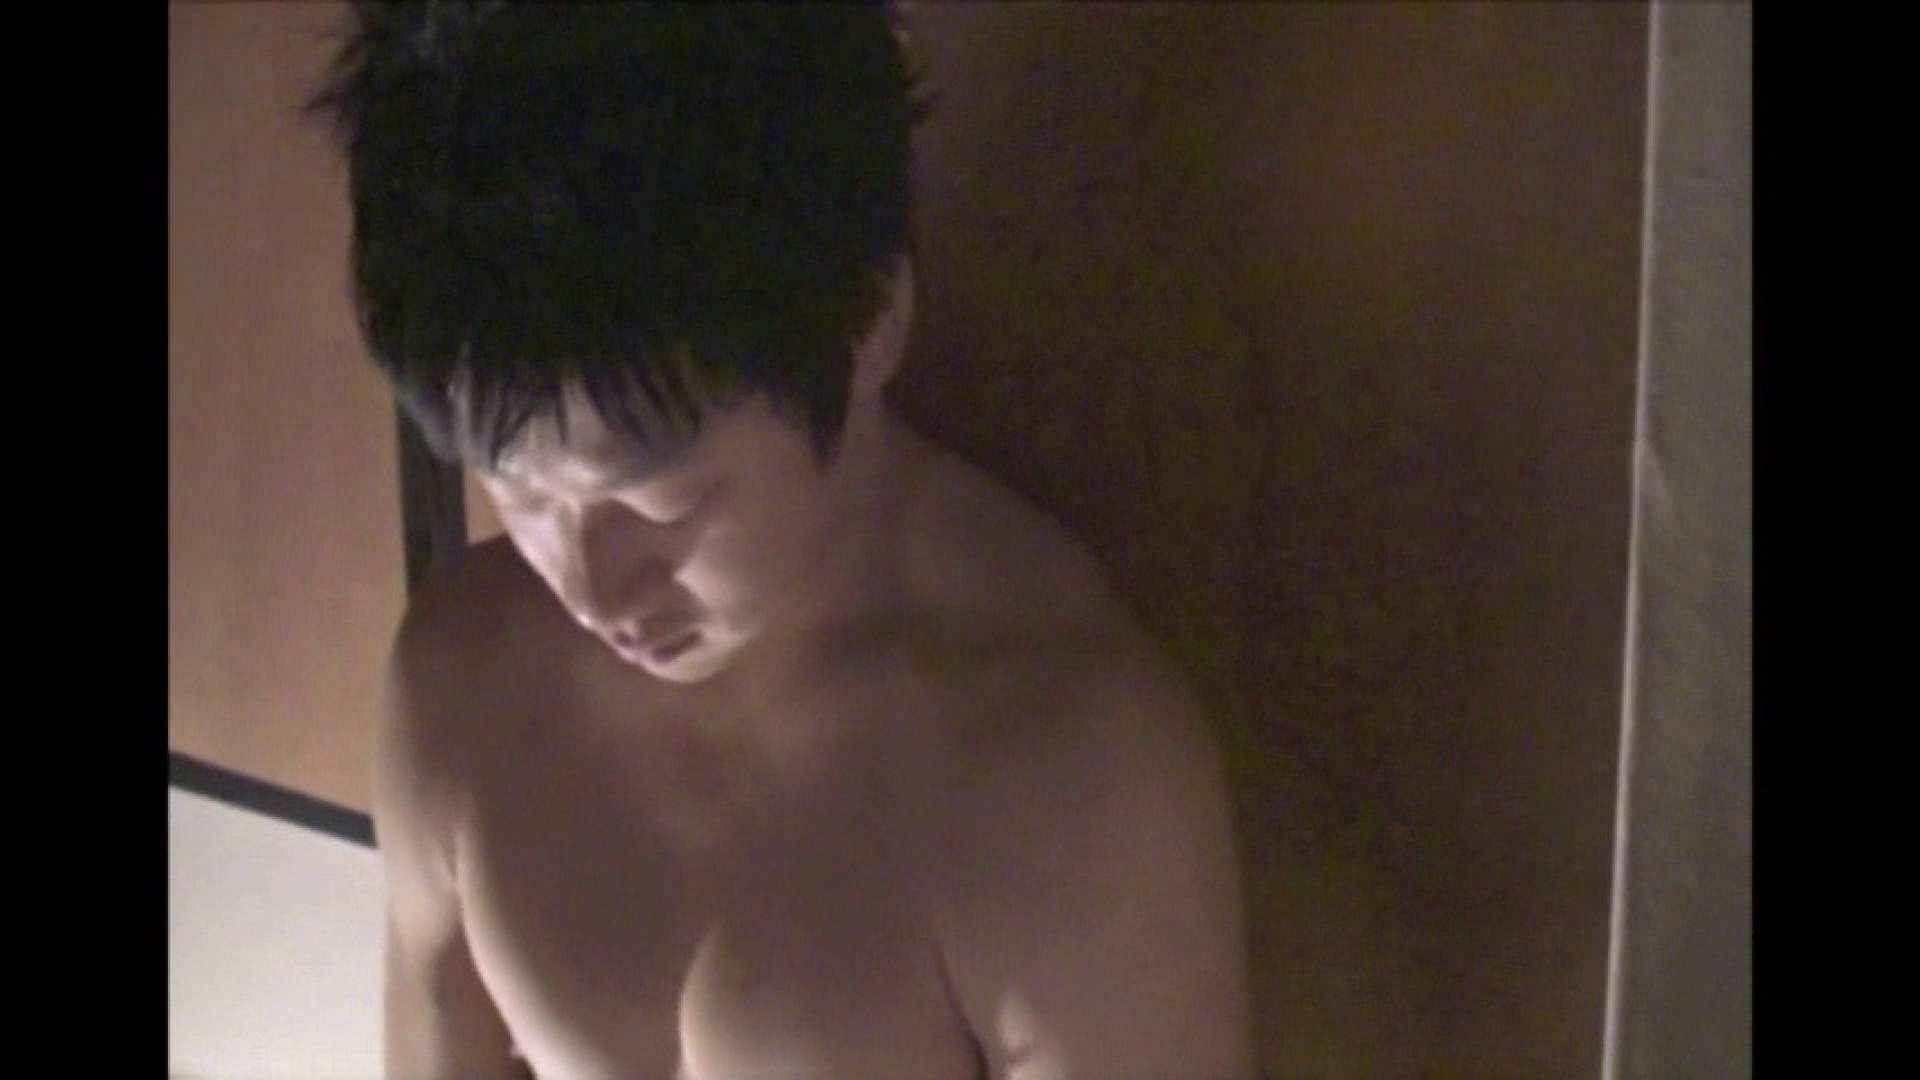 ヤリヤリ野郎共倶楽部vol.39 男・男・男 | エロエロ動画  98枚 33